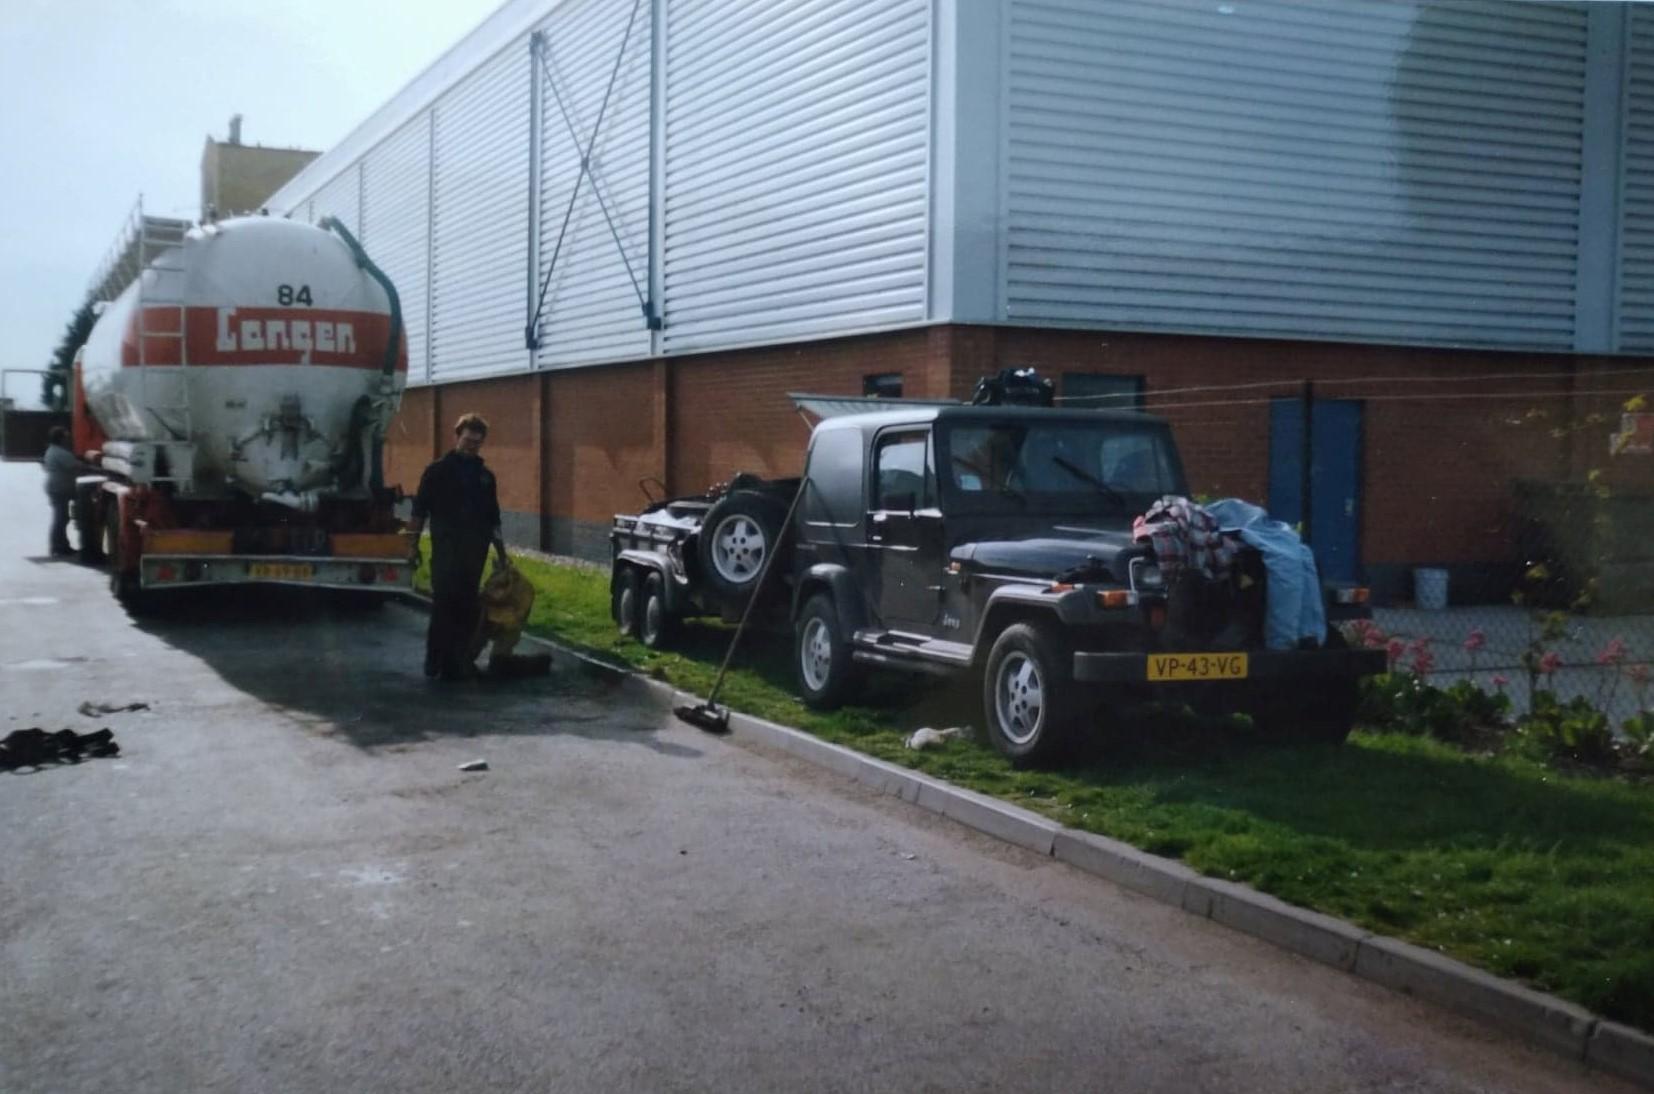 Bert-van-Wissen-met-Loetje-in-Liverpool-een-reparatie-uitgevoerd.-de-Jeep-was-wel-overbeladen